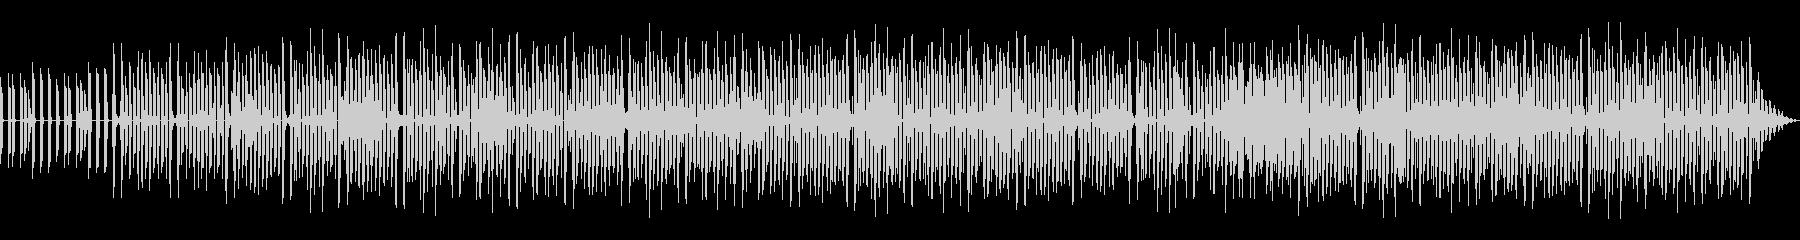 ちょっと昔のゲーム音楽風 楽しいリズムの未再生の波形